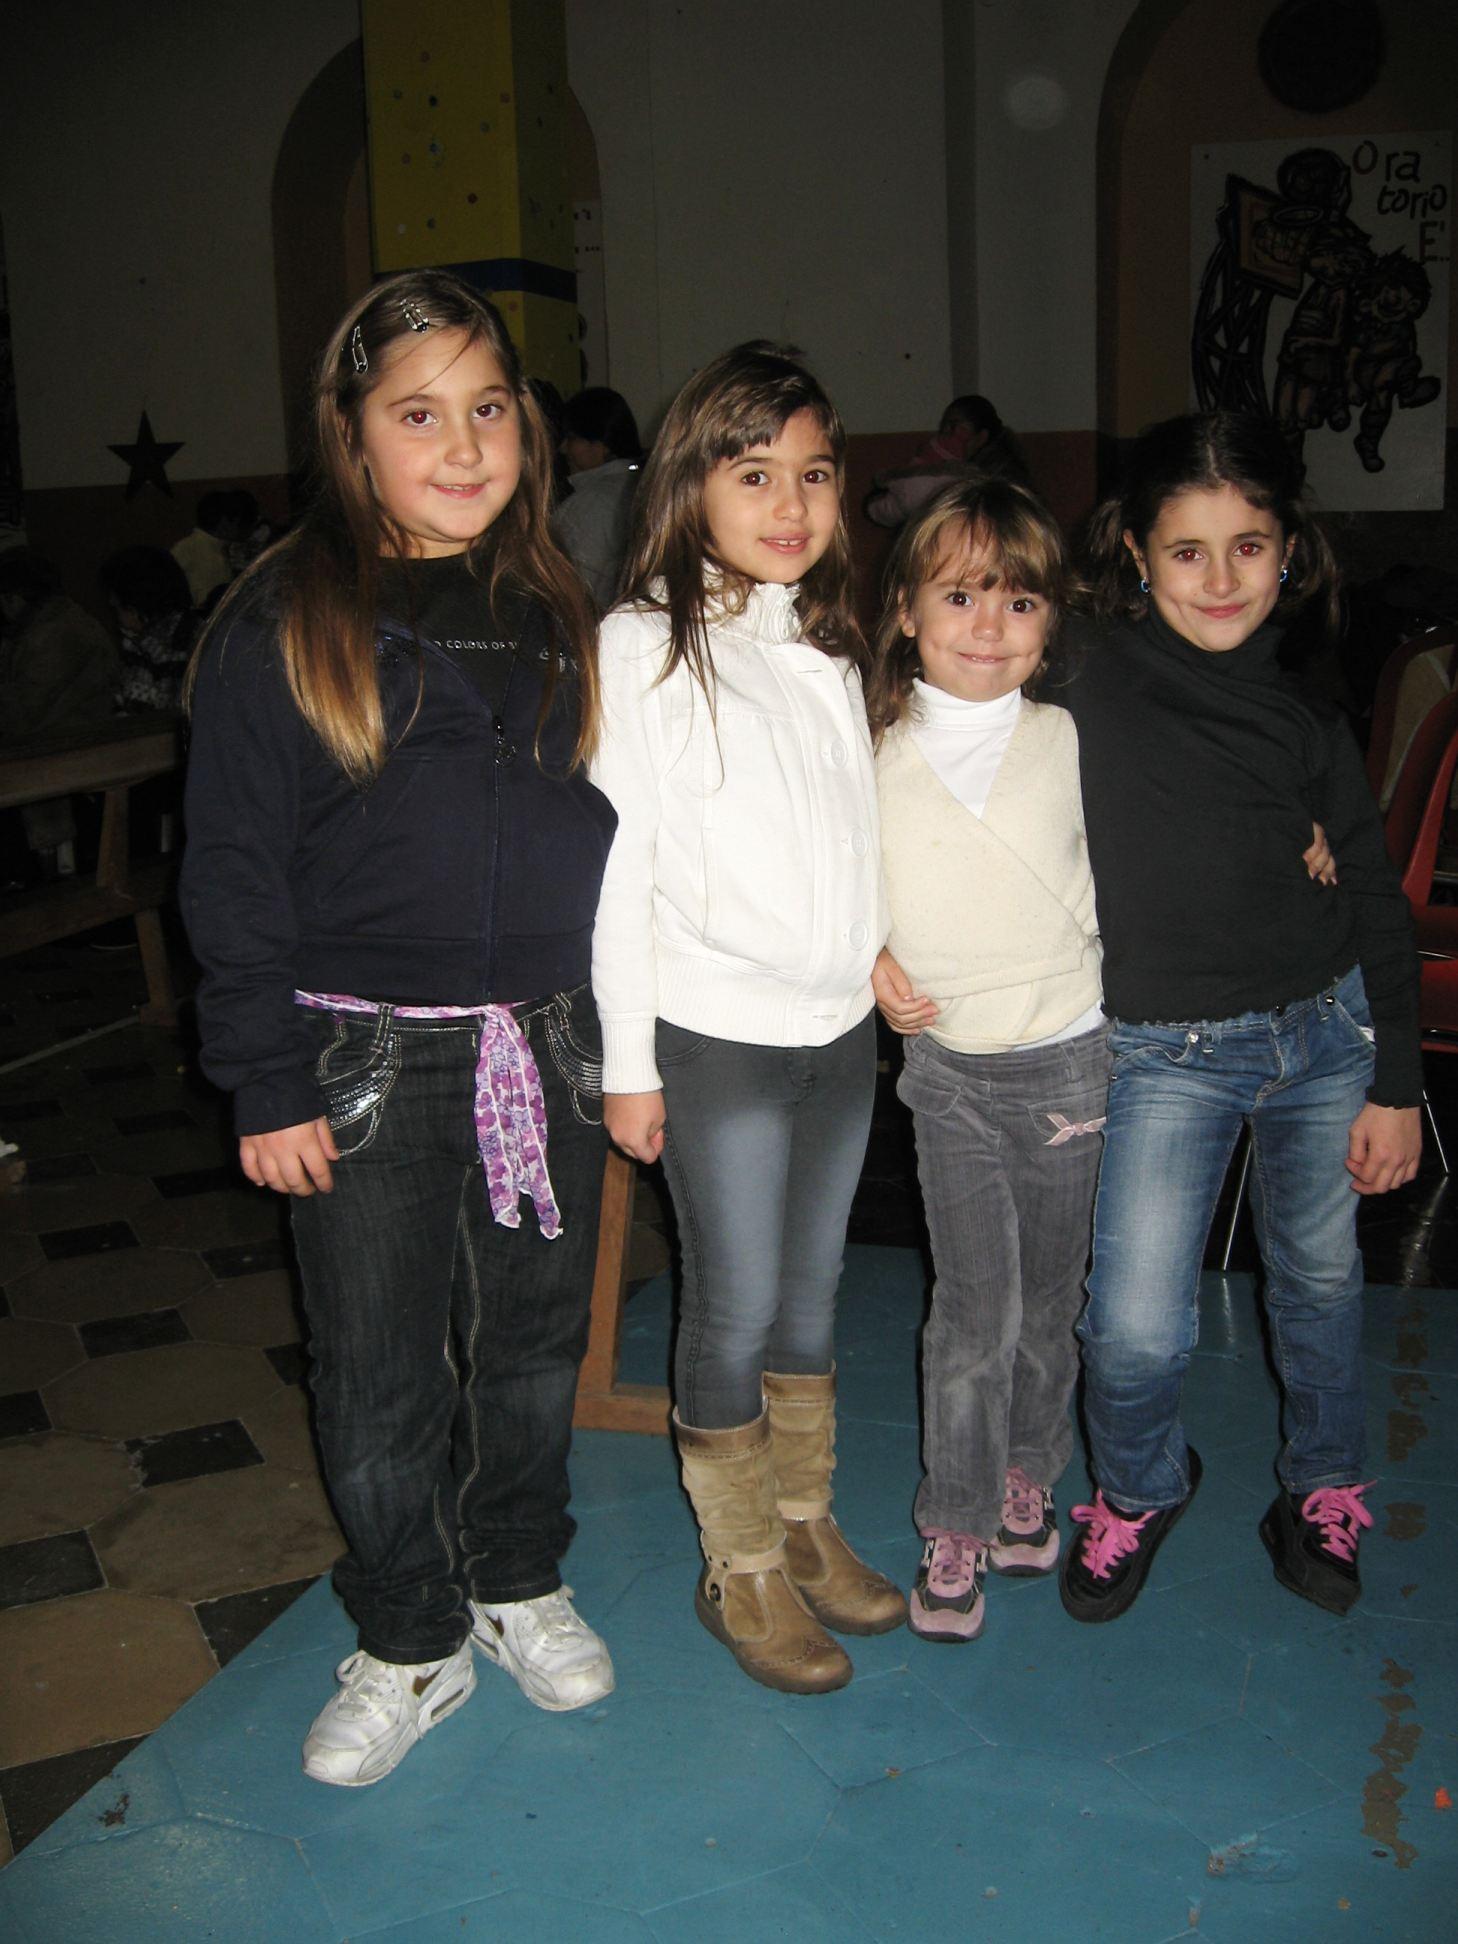 Danza_Oratorio-2009-12-20--16.42.55